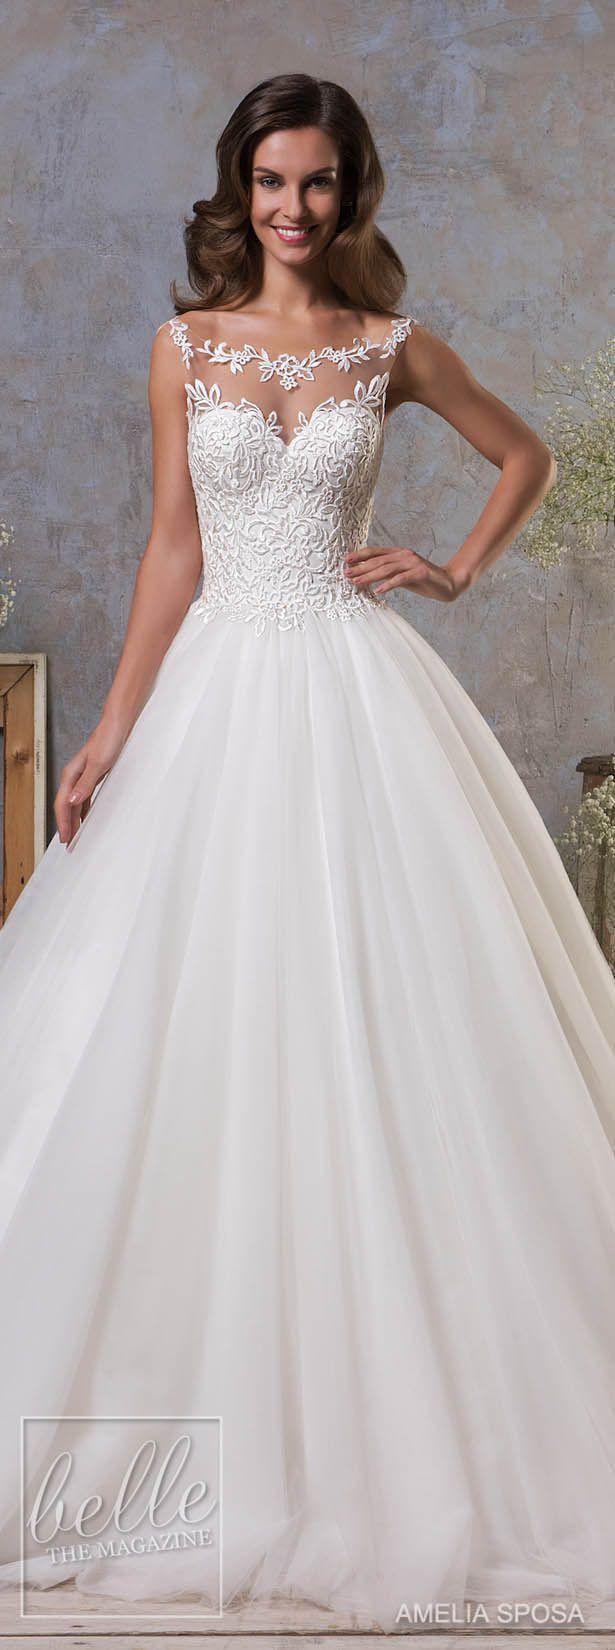 2658 best Verfüherische Brautkleider images on Pinterest | Bridal ...